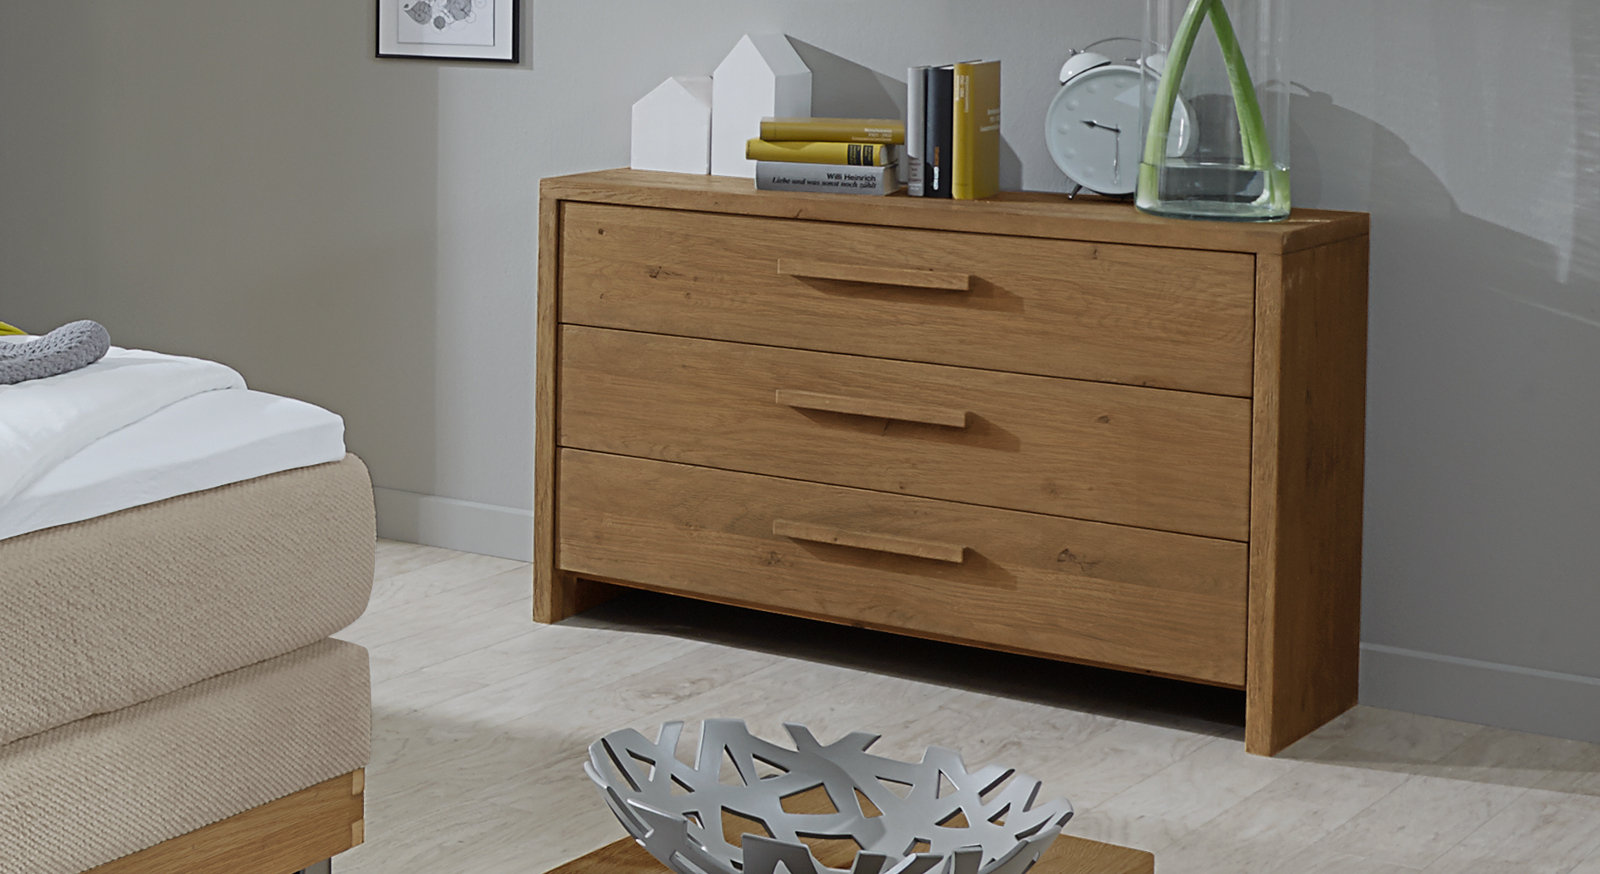 mit kommode excellent f c bcr lagerung ideen schnheit kommode mit vielen schubladen with mit. Black Bedroom Furniture Sets. Home Design Ideas